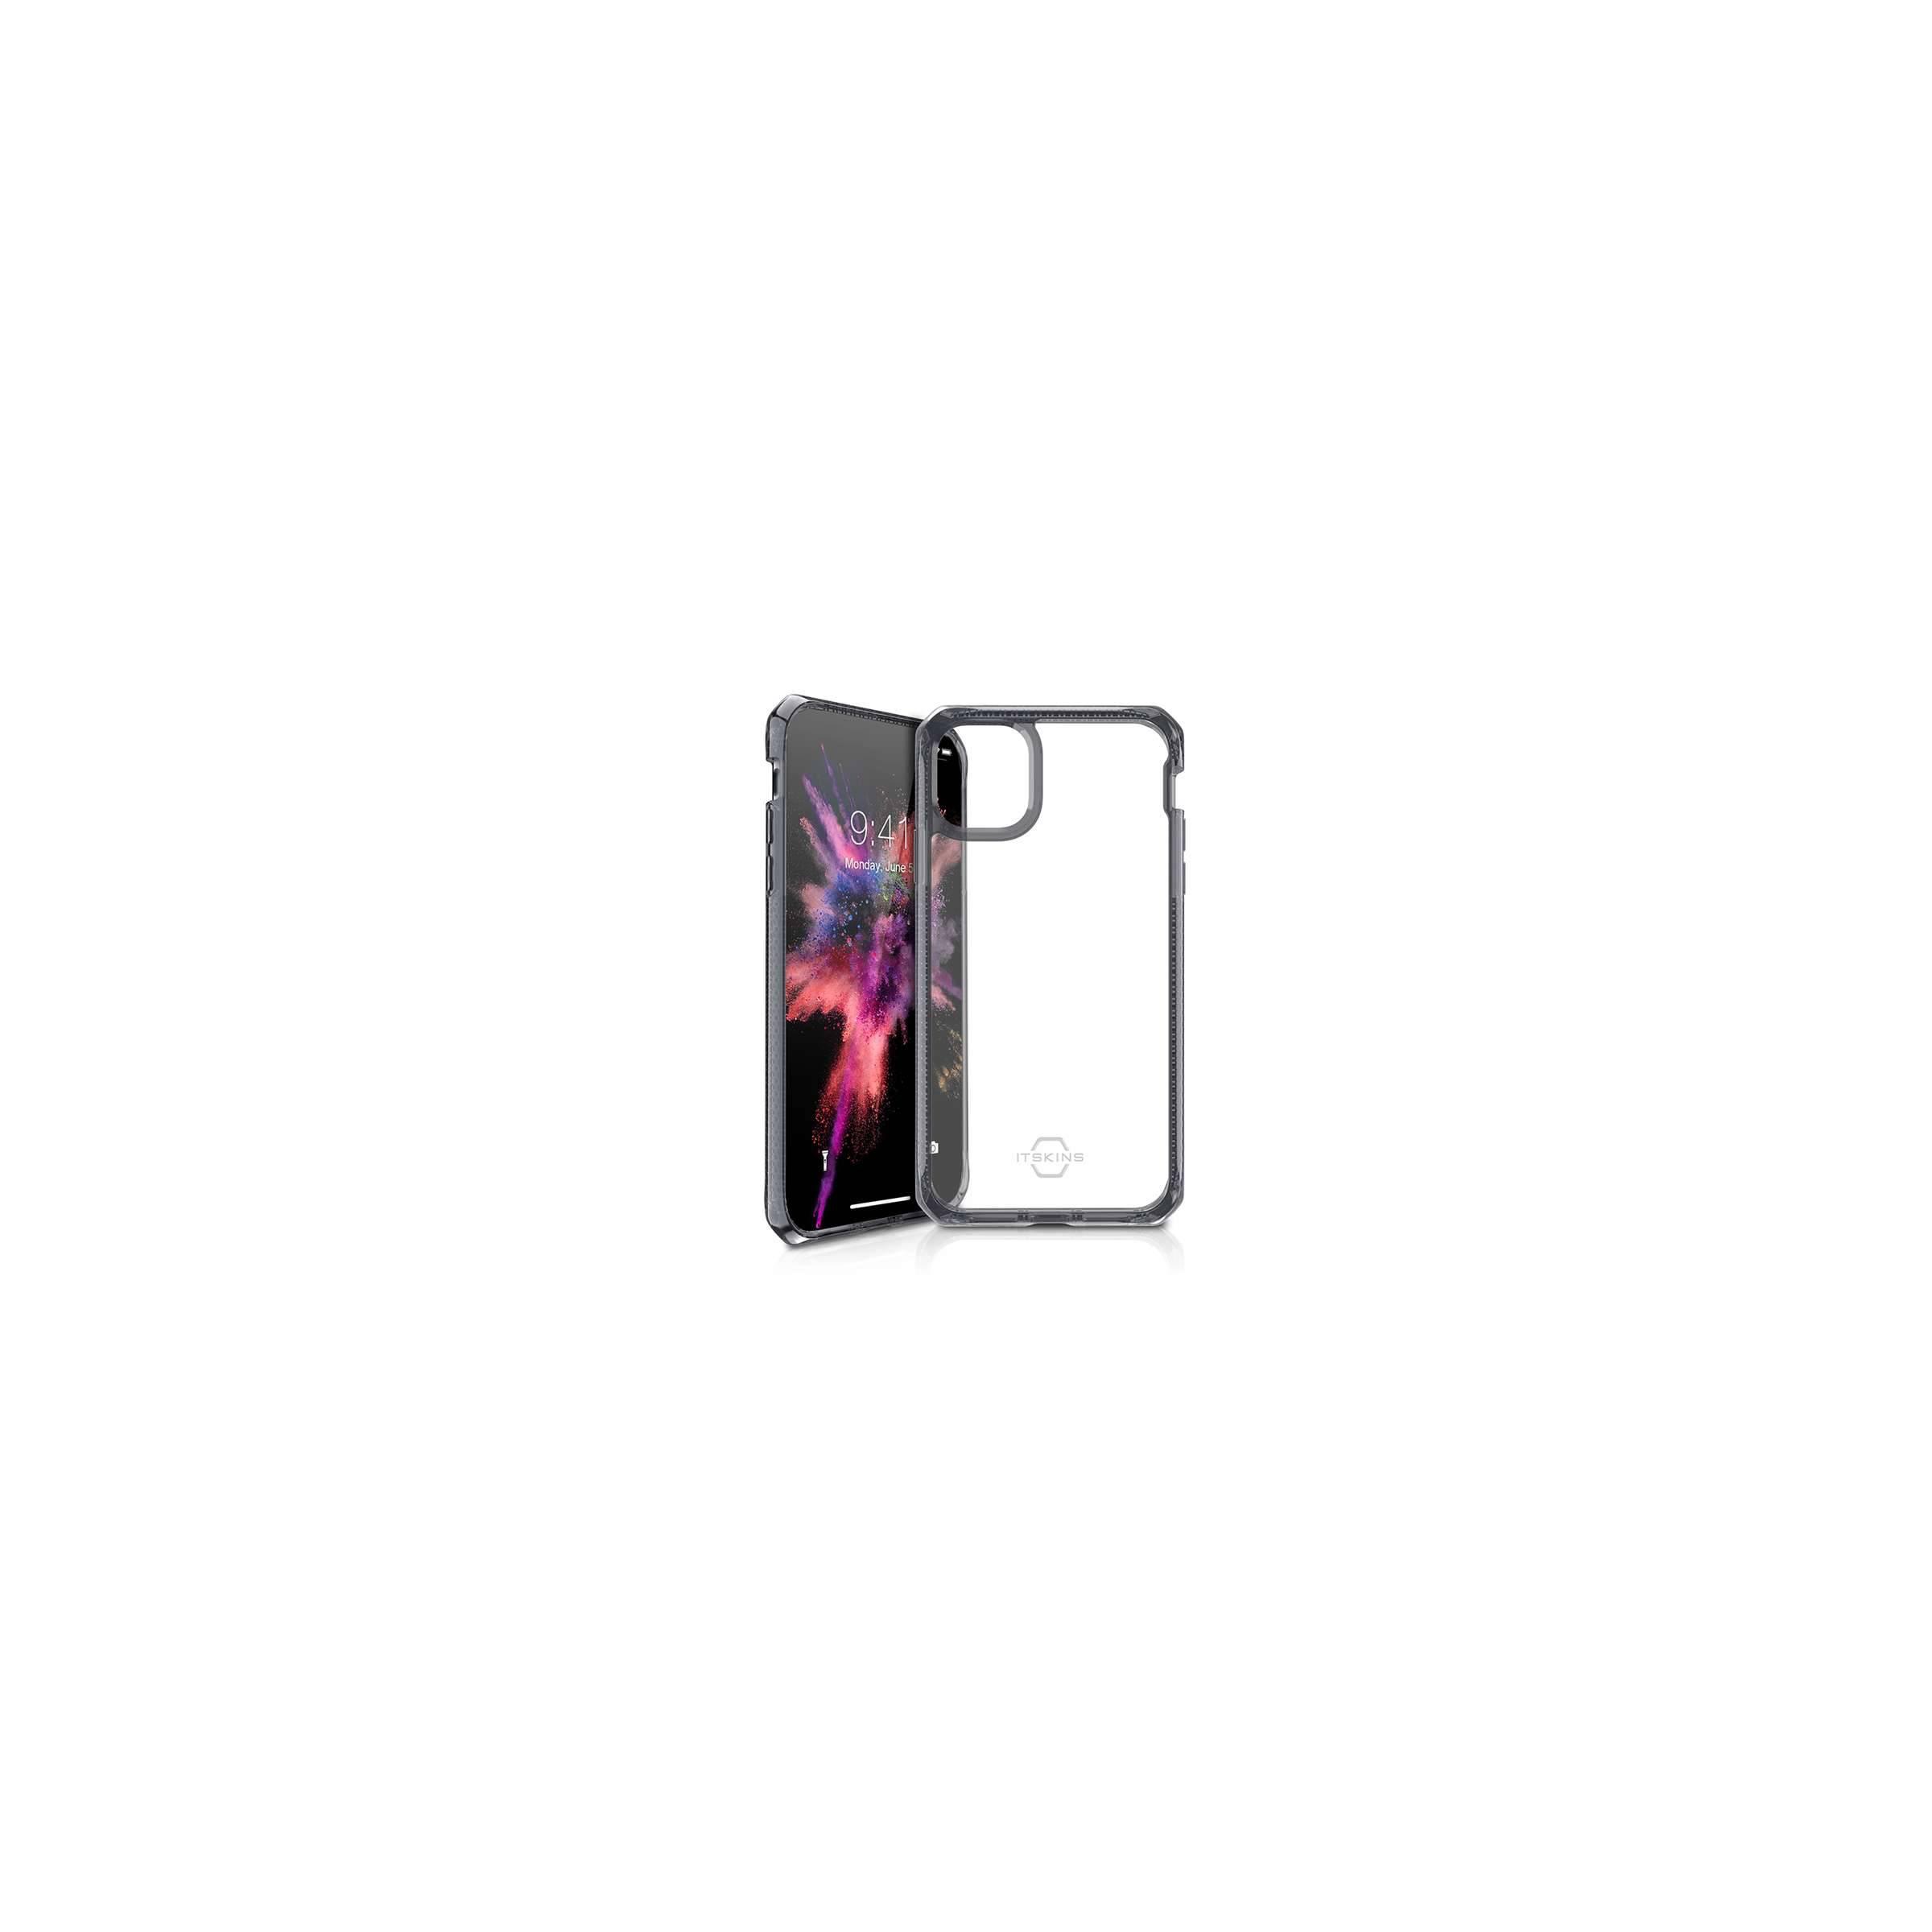 Itskins gel cover cover til iphone 11 pro gennemsigtigt med mørk kant fra itskins fra mackabler.dk